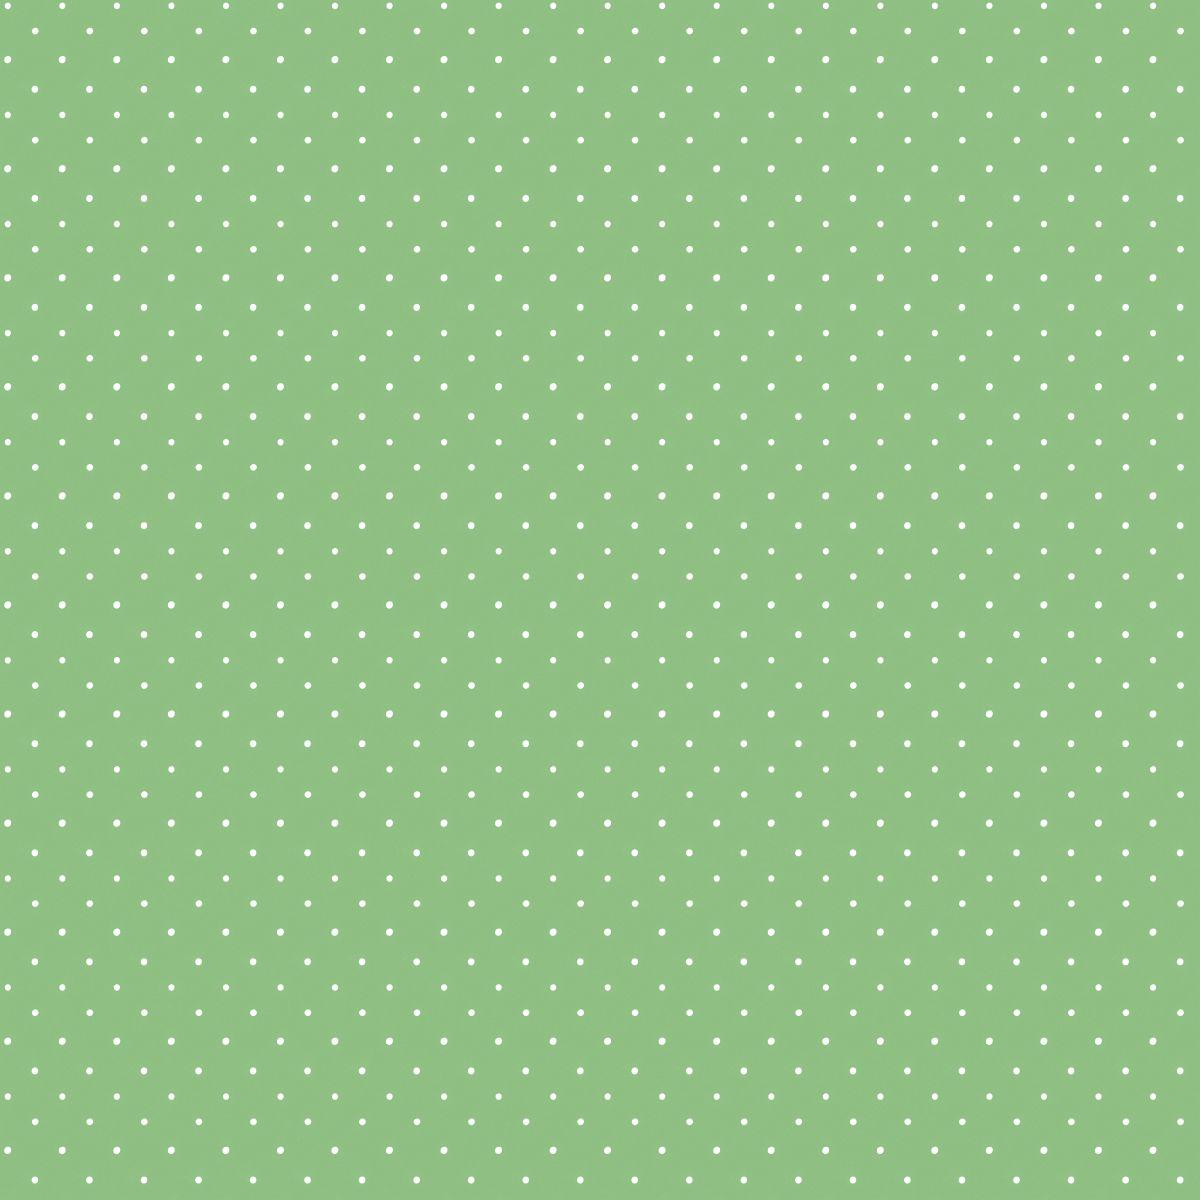 Hochwertige Tapeten Und Stoffe Grune Tapete Mit Punkten G56051